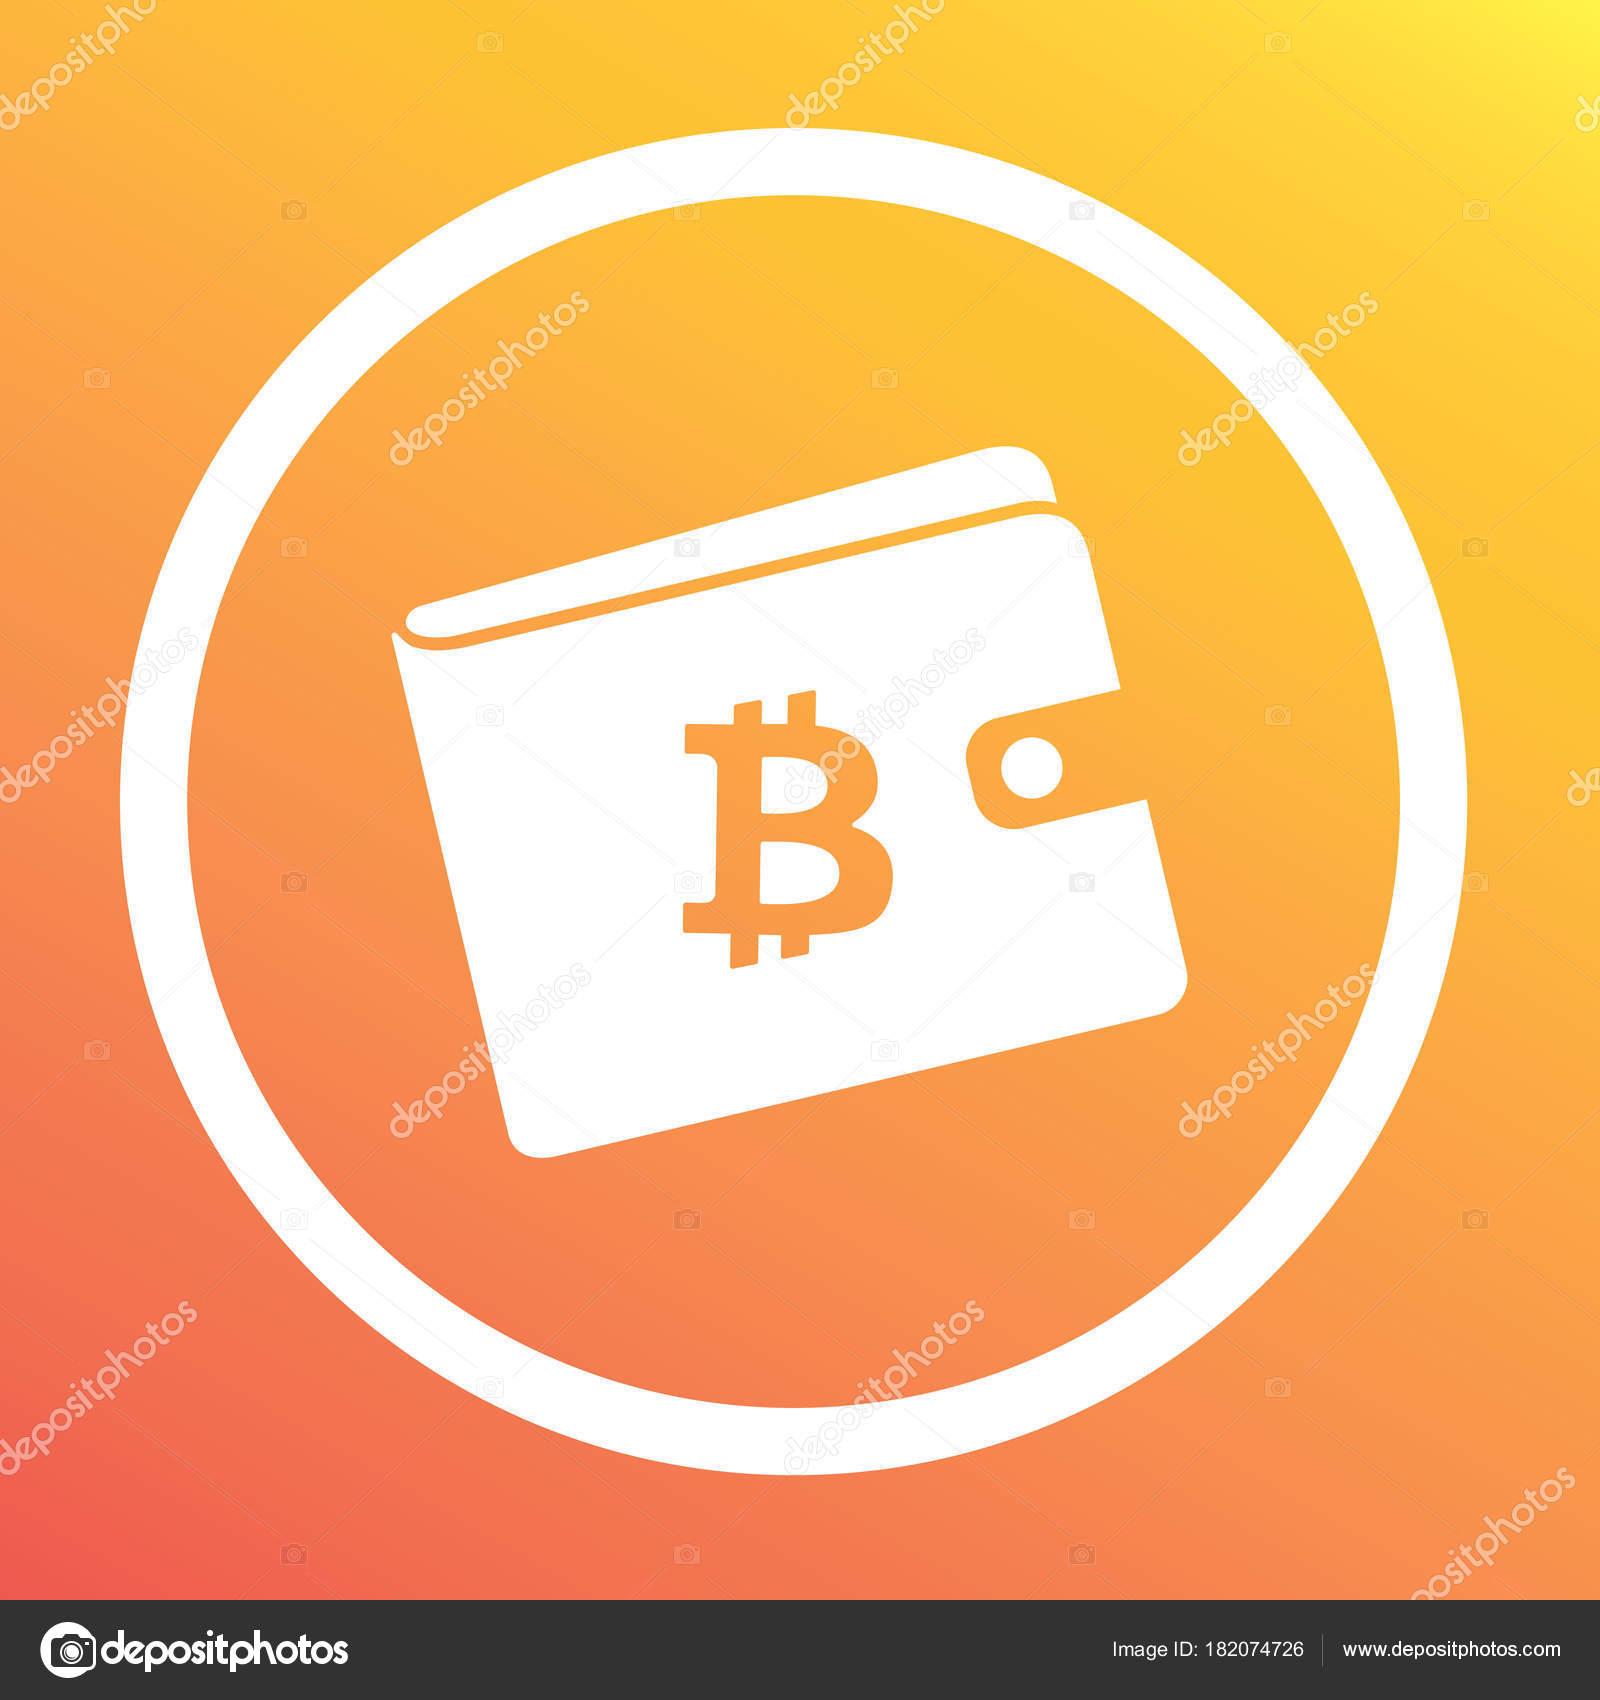 Witte Portemonnee.Bitcoin Witte Portemonnee Met Logo Op De Oranje Achtergrond